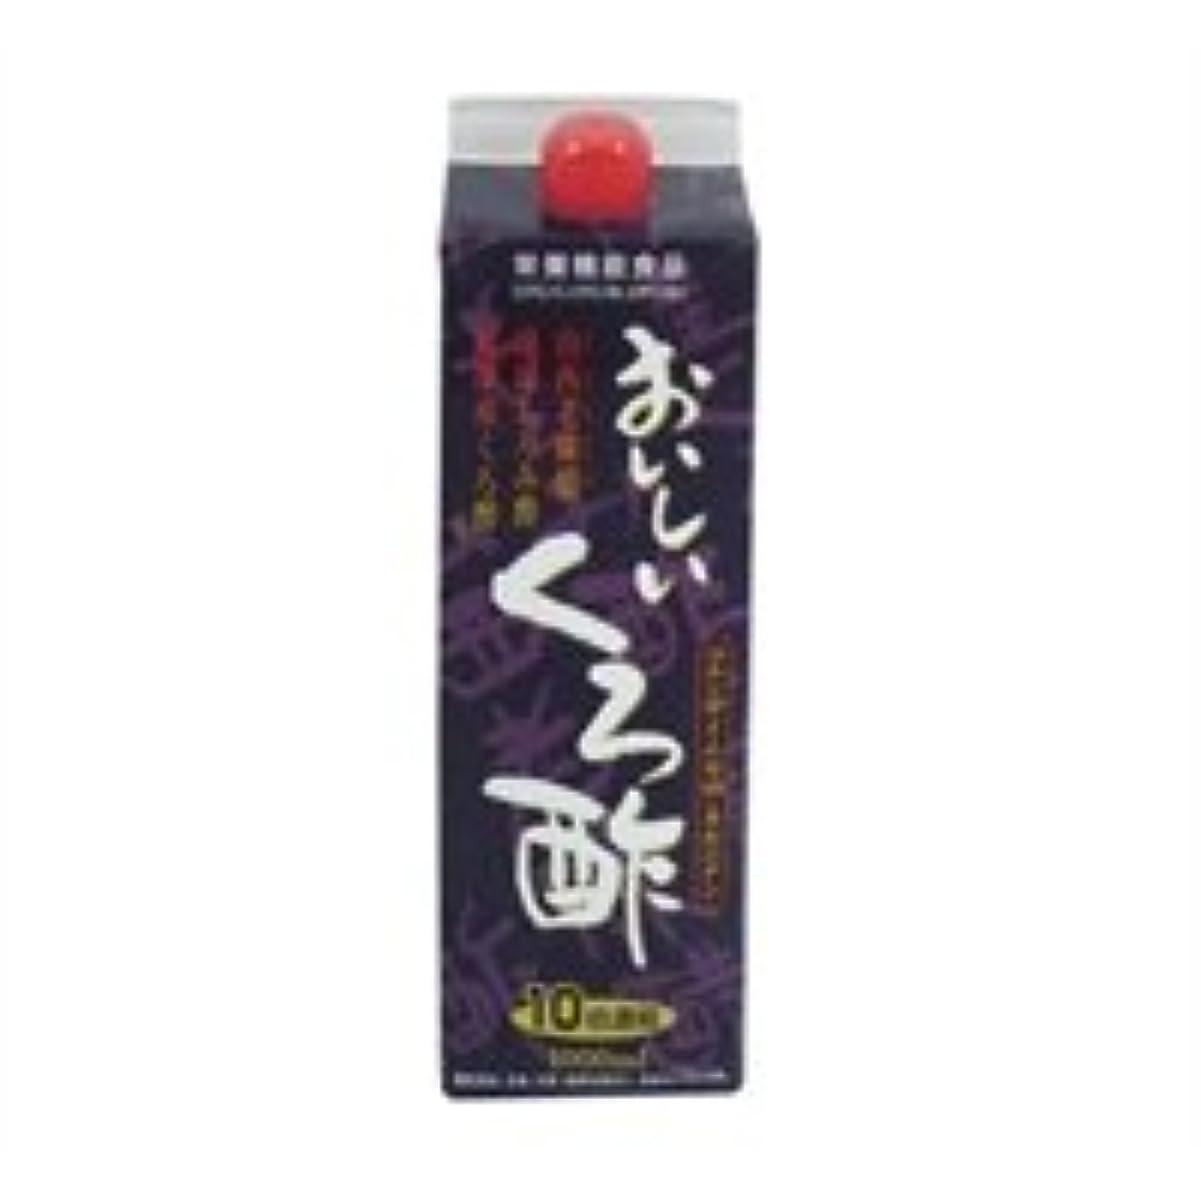 ビル大声で電池フジスコ おいしいくろ酢 1L